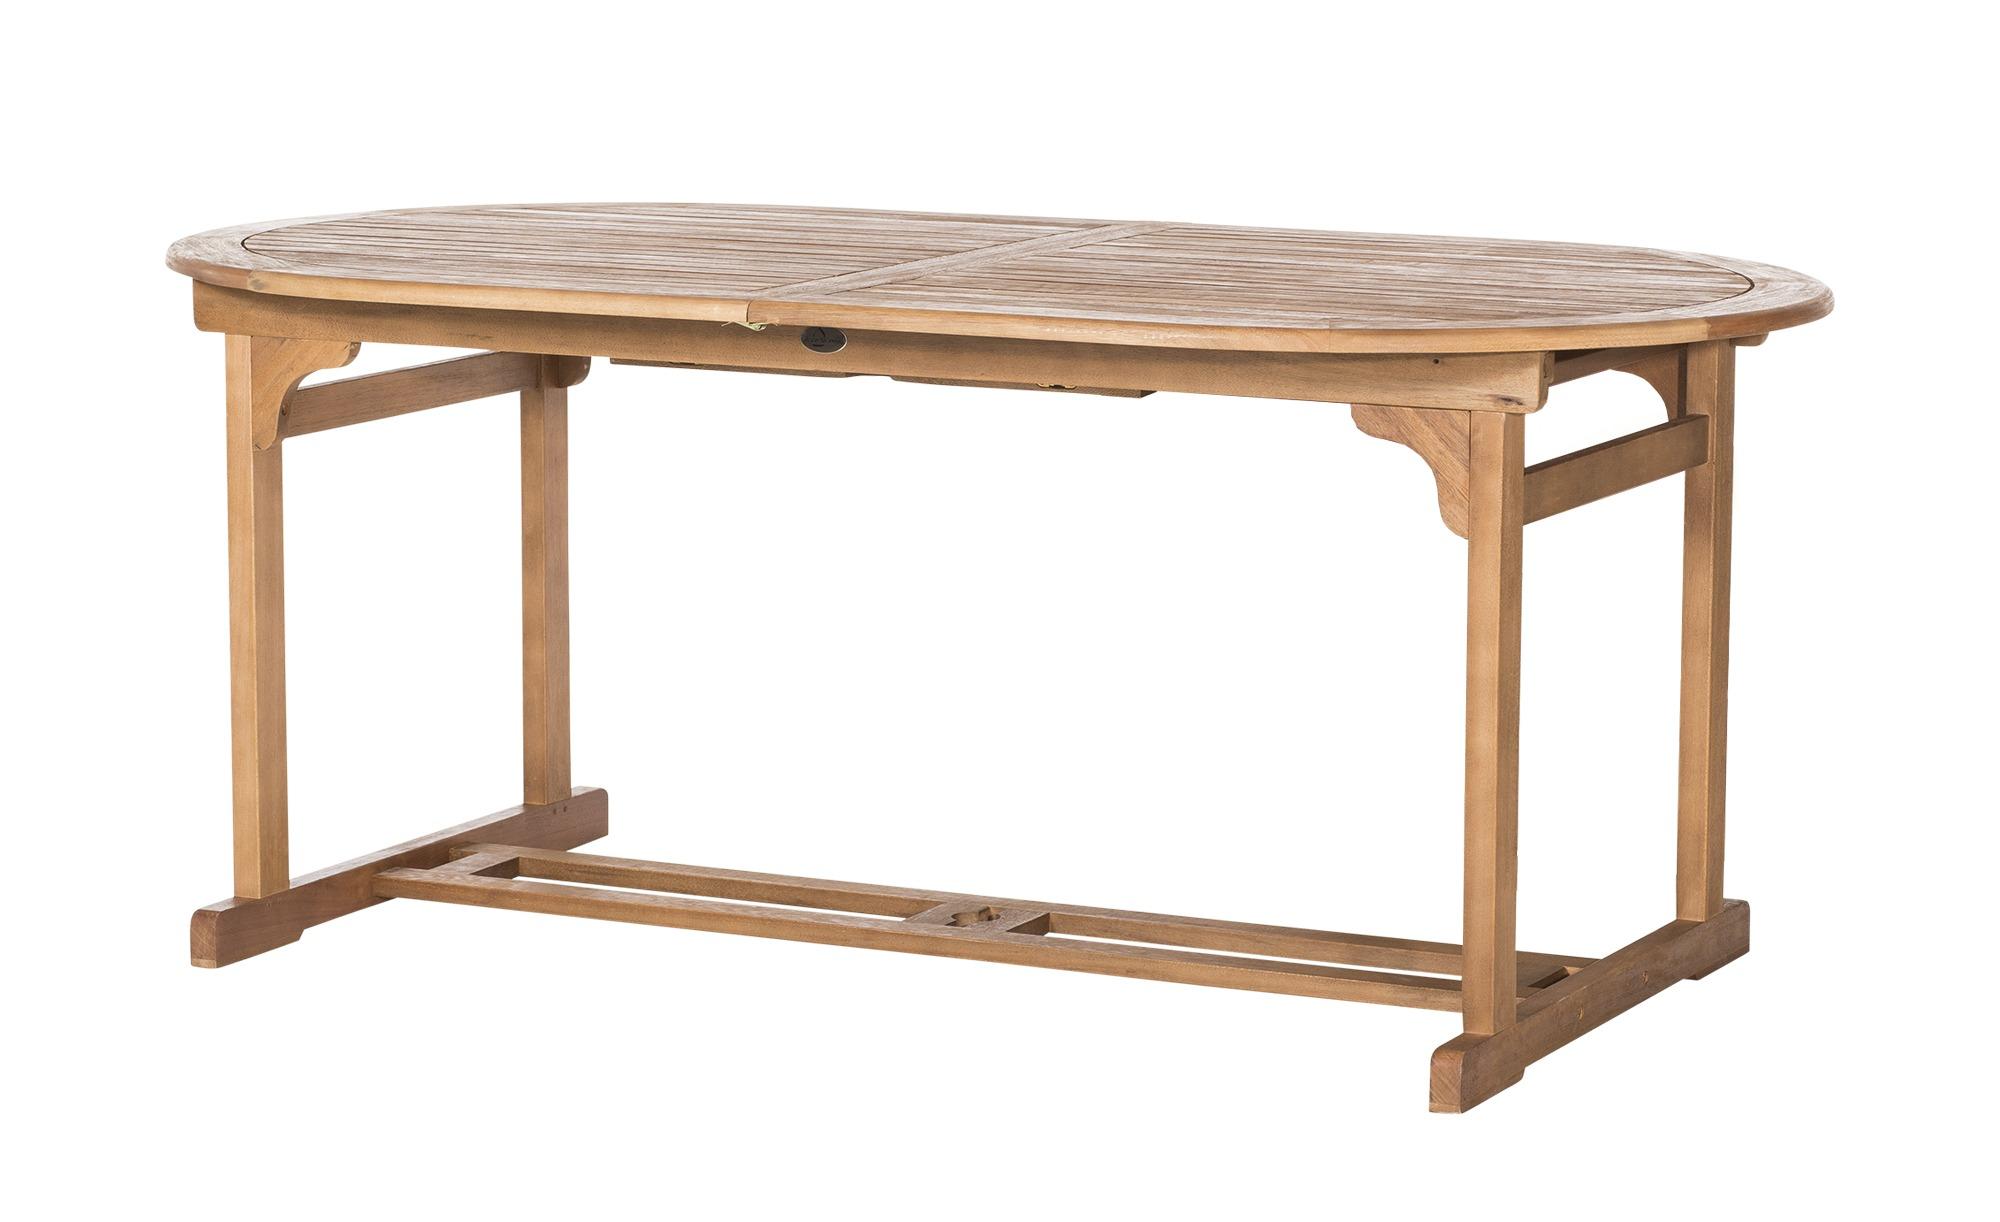 Kataloge Zum Download Und Preisliste Fur Double G Quadratischer Tisch By Cabuy D Quadratischer Garten Quadratische Tische Gartentisch Holz Terrassen Tische